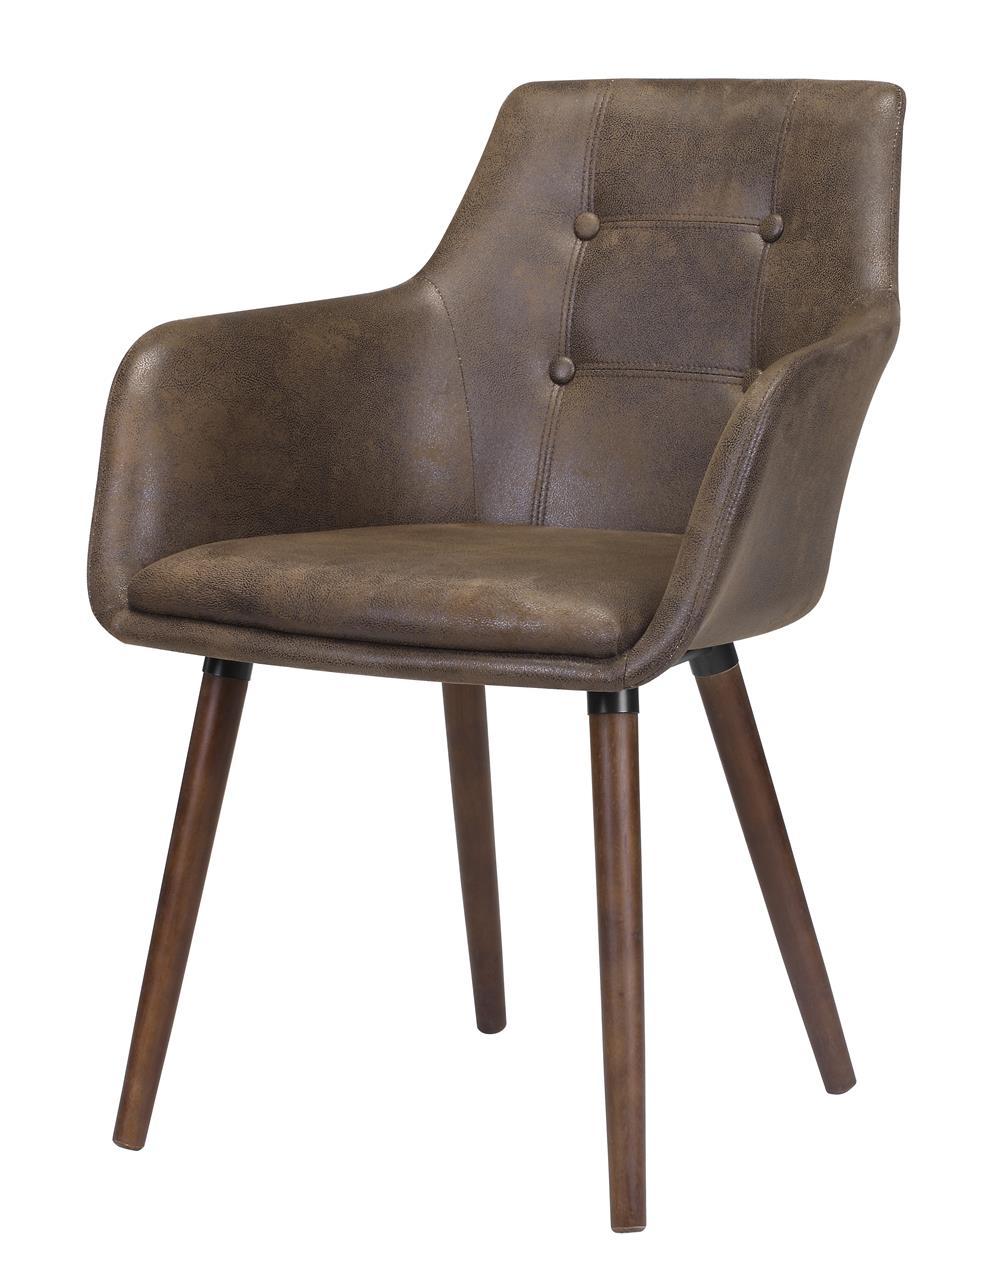 Scaun tapitat cu piele ecologica si picioare din lemn Johannesburg Maro, l56,5xA57,5xH81 cm imagine